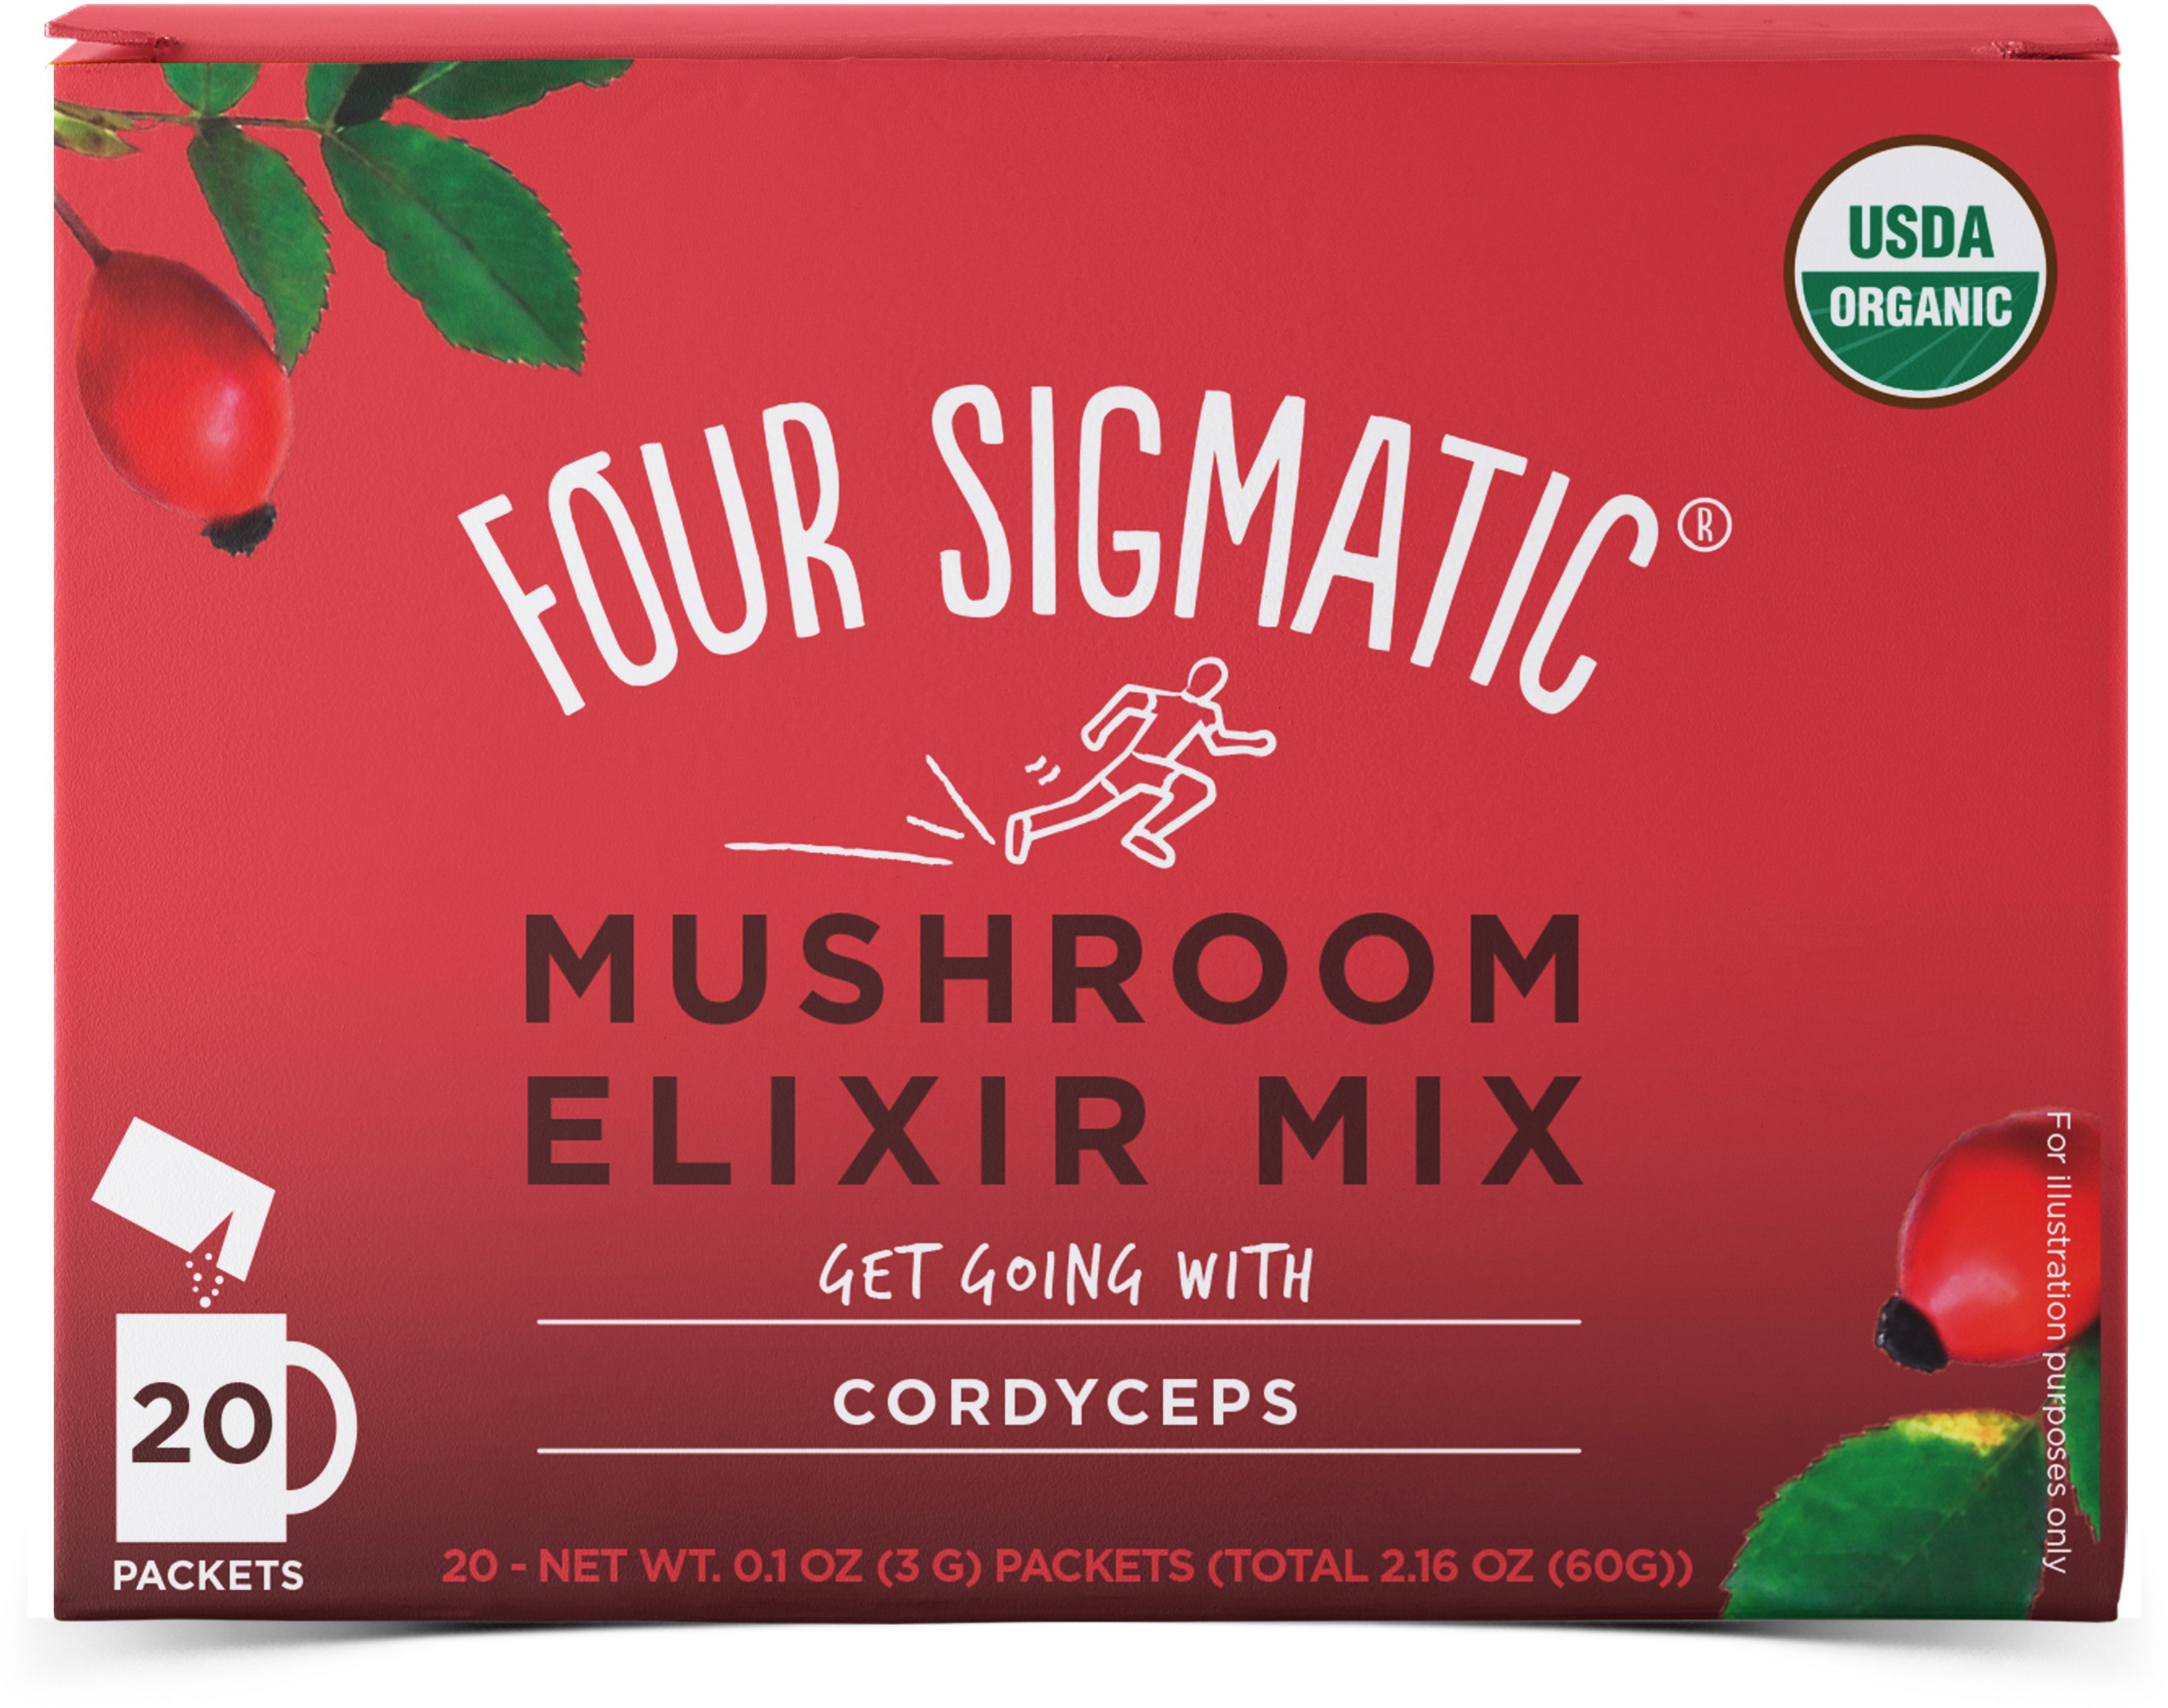 Mushroom Elixir Mix Perform With Cordyceps 20 x 3g